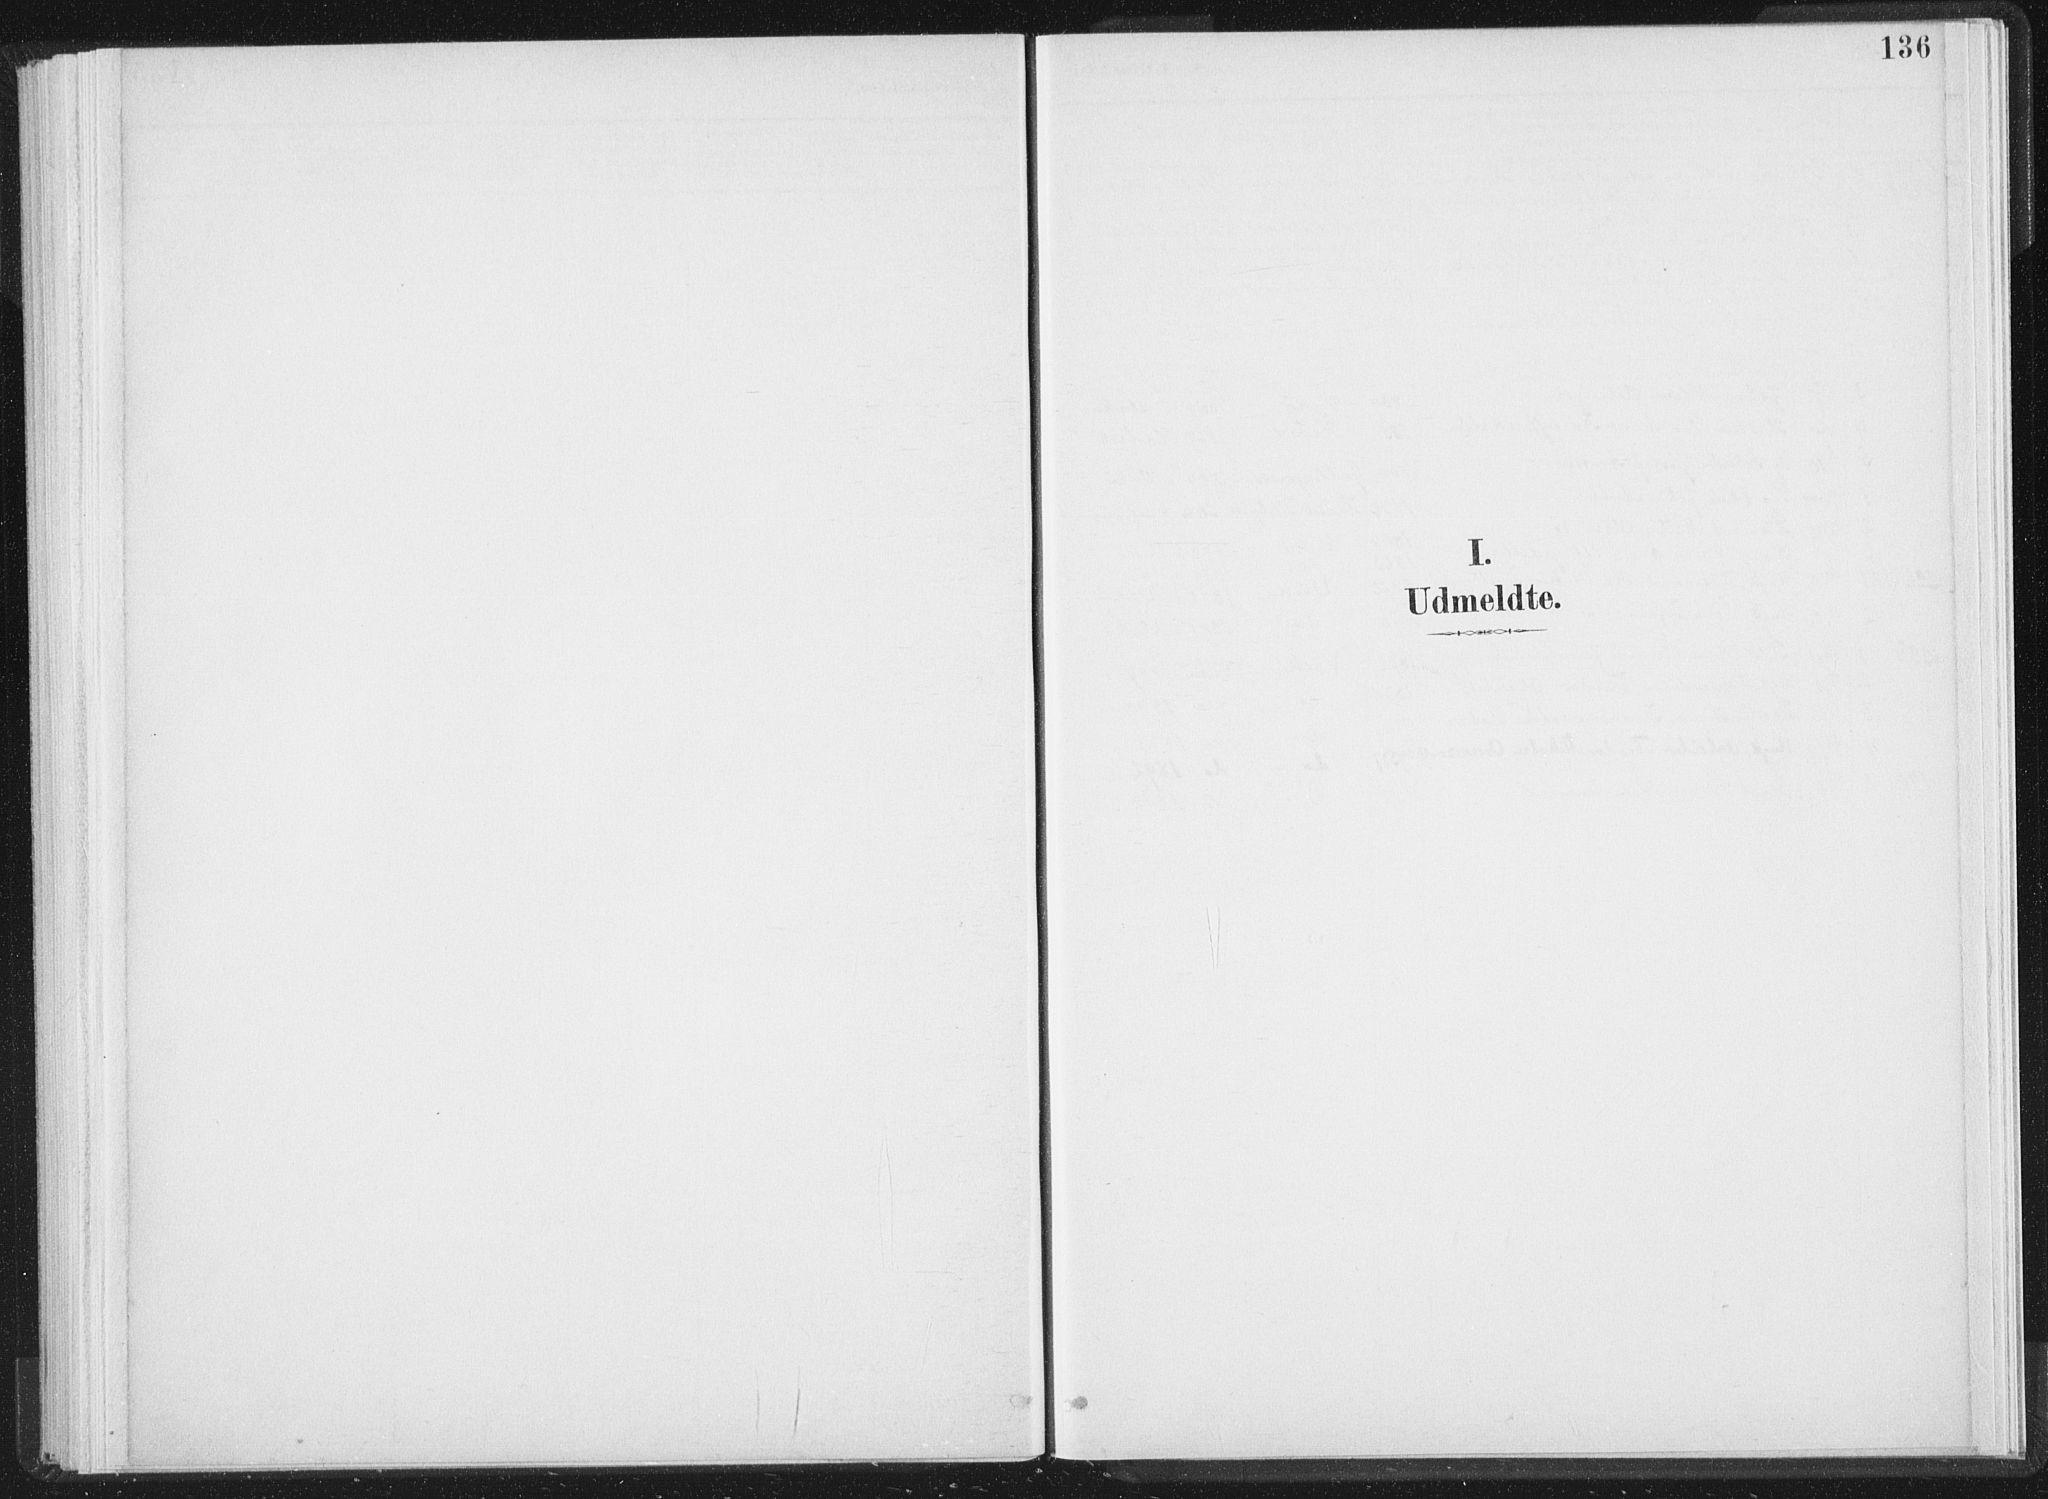 SAT, Ministerialprotokoller, klokkerbøker og fødselsregistre - Nord-Trøndelag, 724/L0263: Ministerialbok nr. 724A01, 1891-1907, s. 136